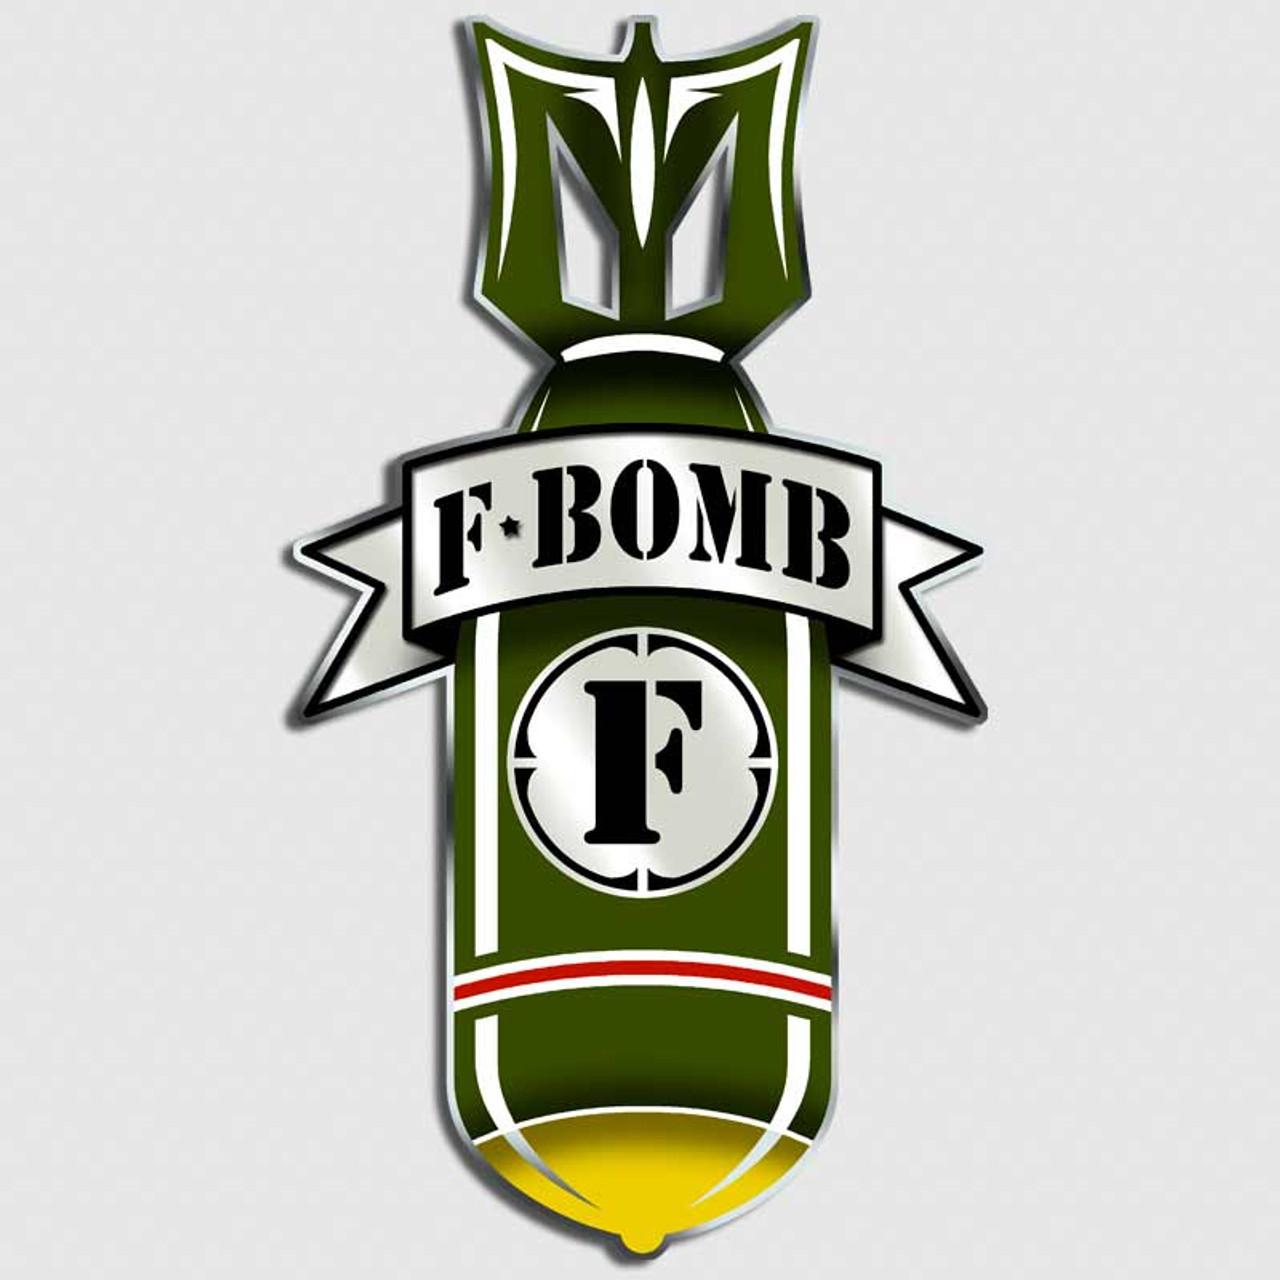 F Bomb Military Decal | Funny WW2 Army Sticker